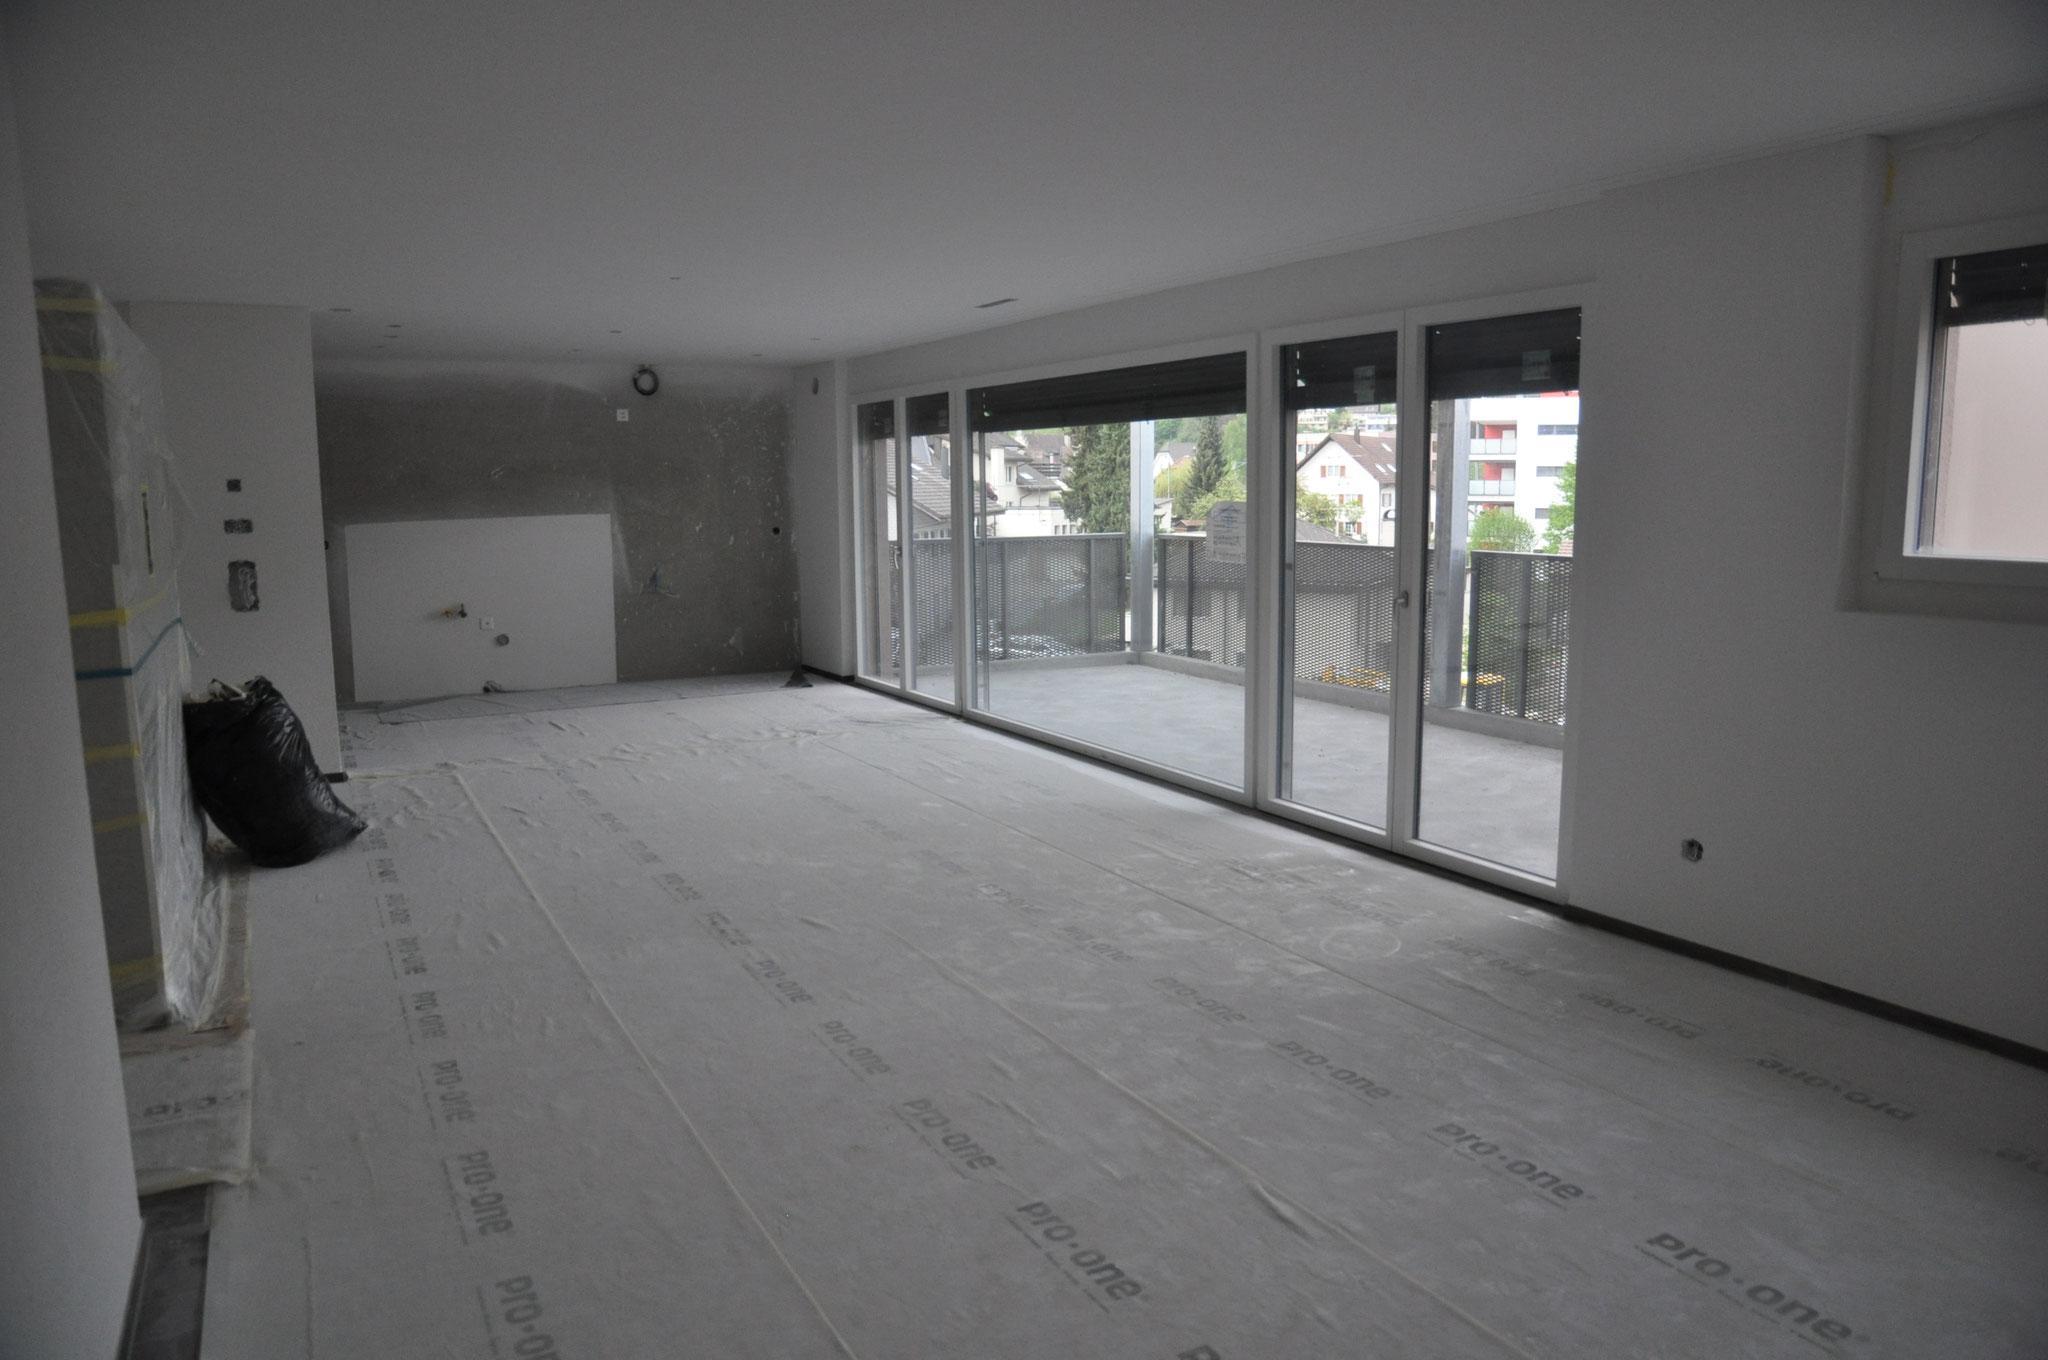 Innenausbau Küche/Essen/Wohnen 4,5 Zimmer Wohnung Einheit B (Mai 2016)